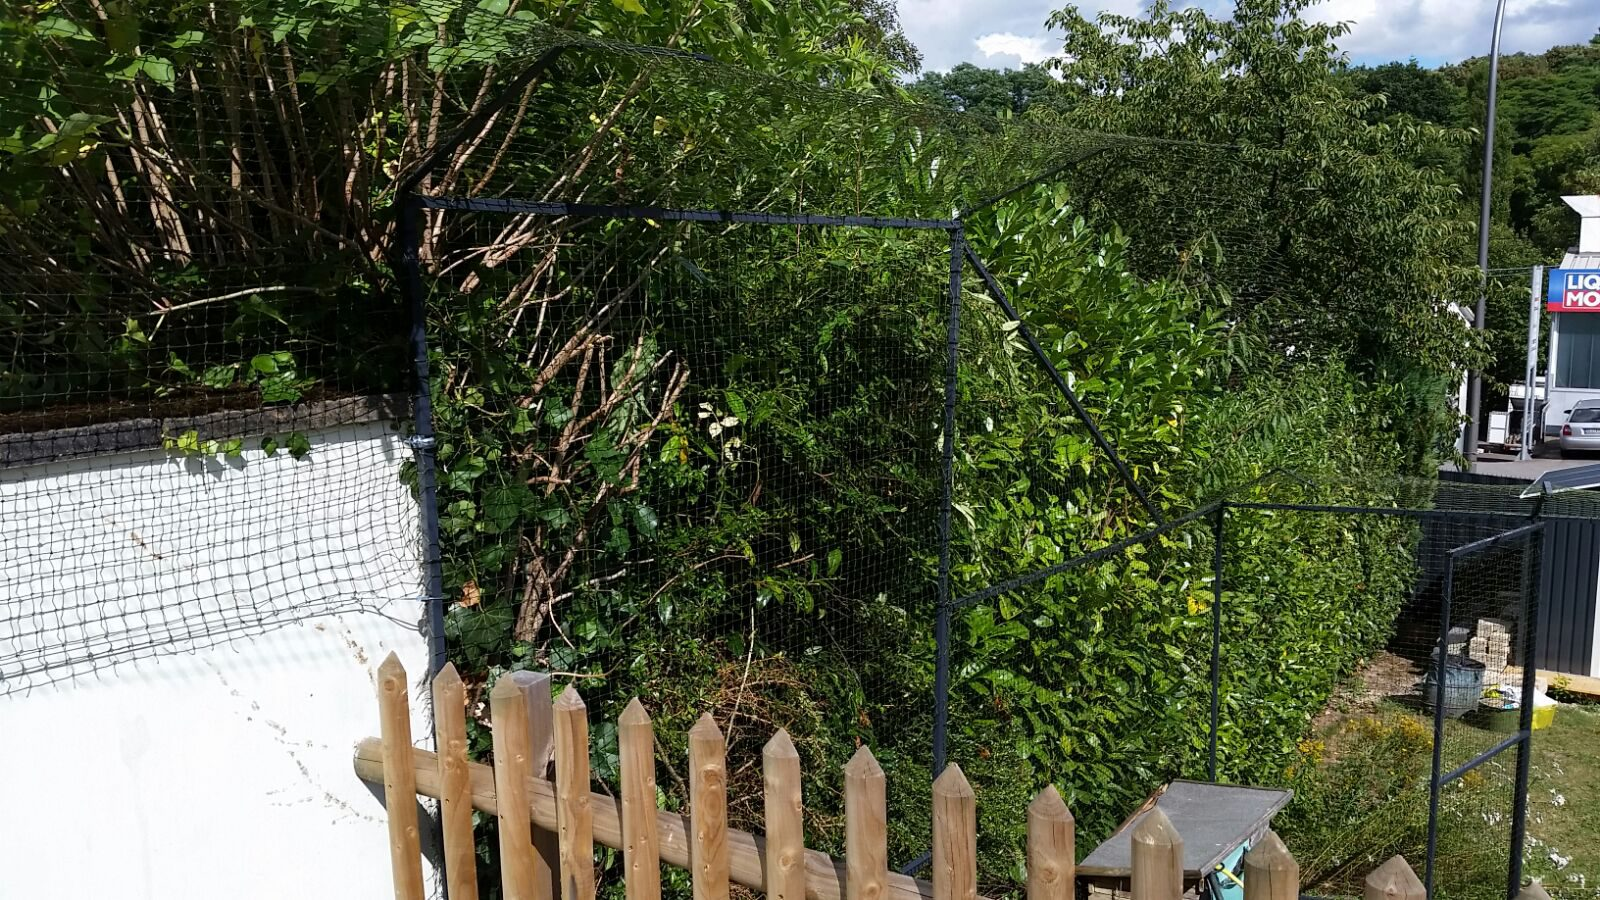 Garten mit Katzennetz System gesichert